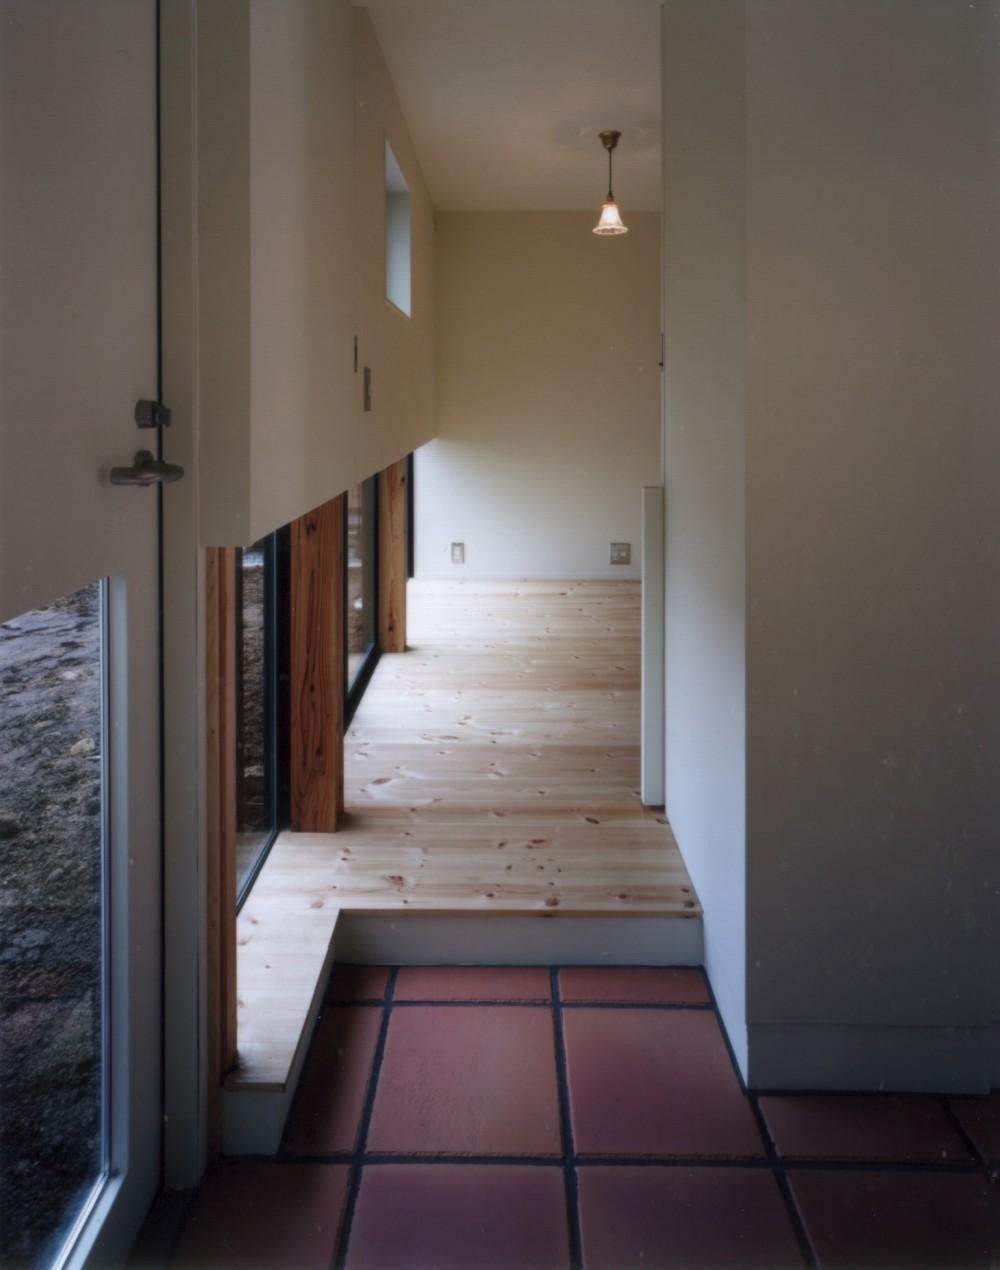 アトリエ・ドン「地窓の家〜地窓と3つの庭と2つの書斎がある家〜」